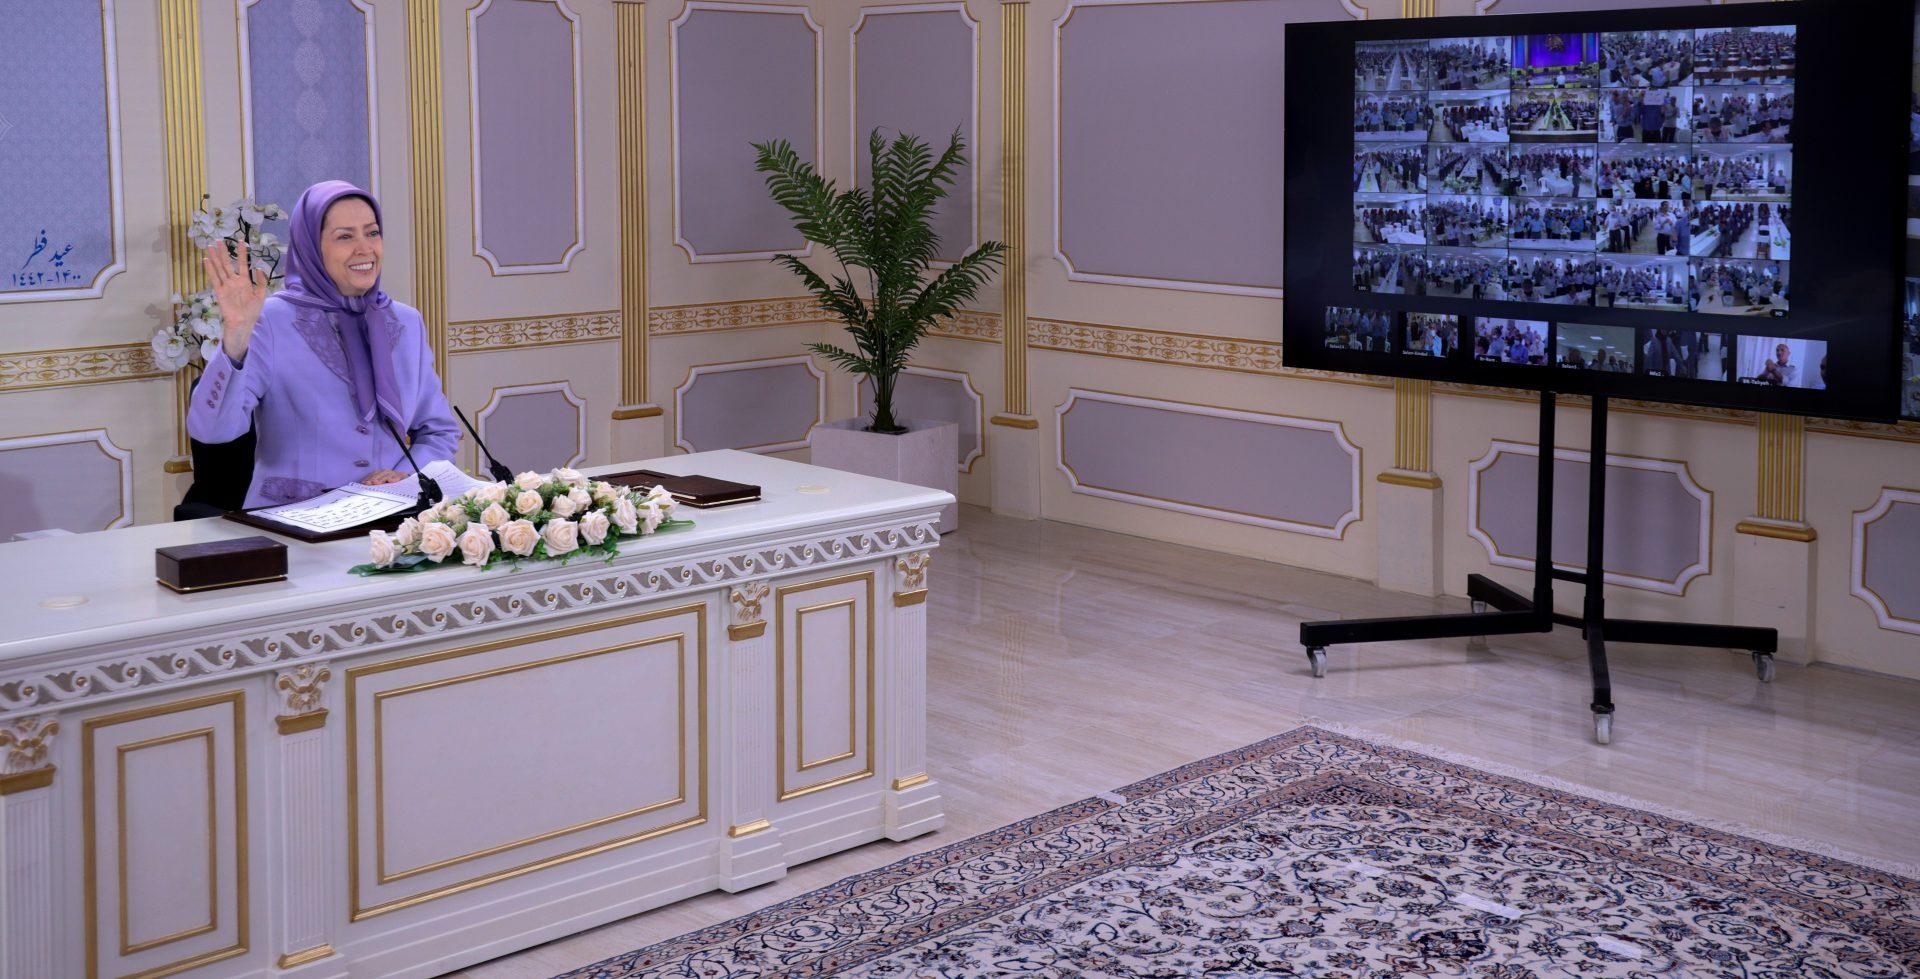 سخنرانی بهمناسبت عید سعید فطر – اشرف ۳